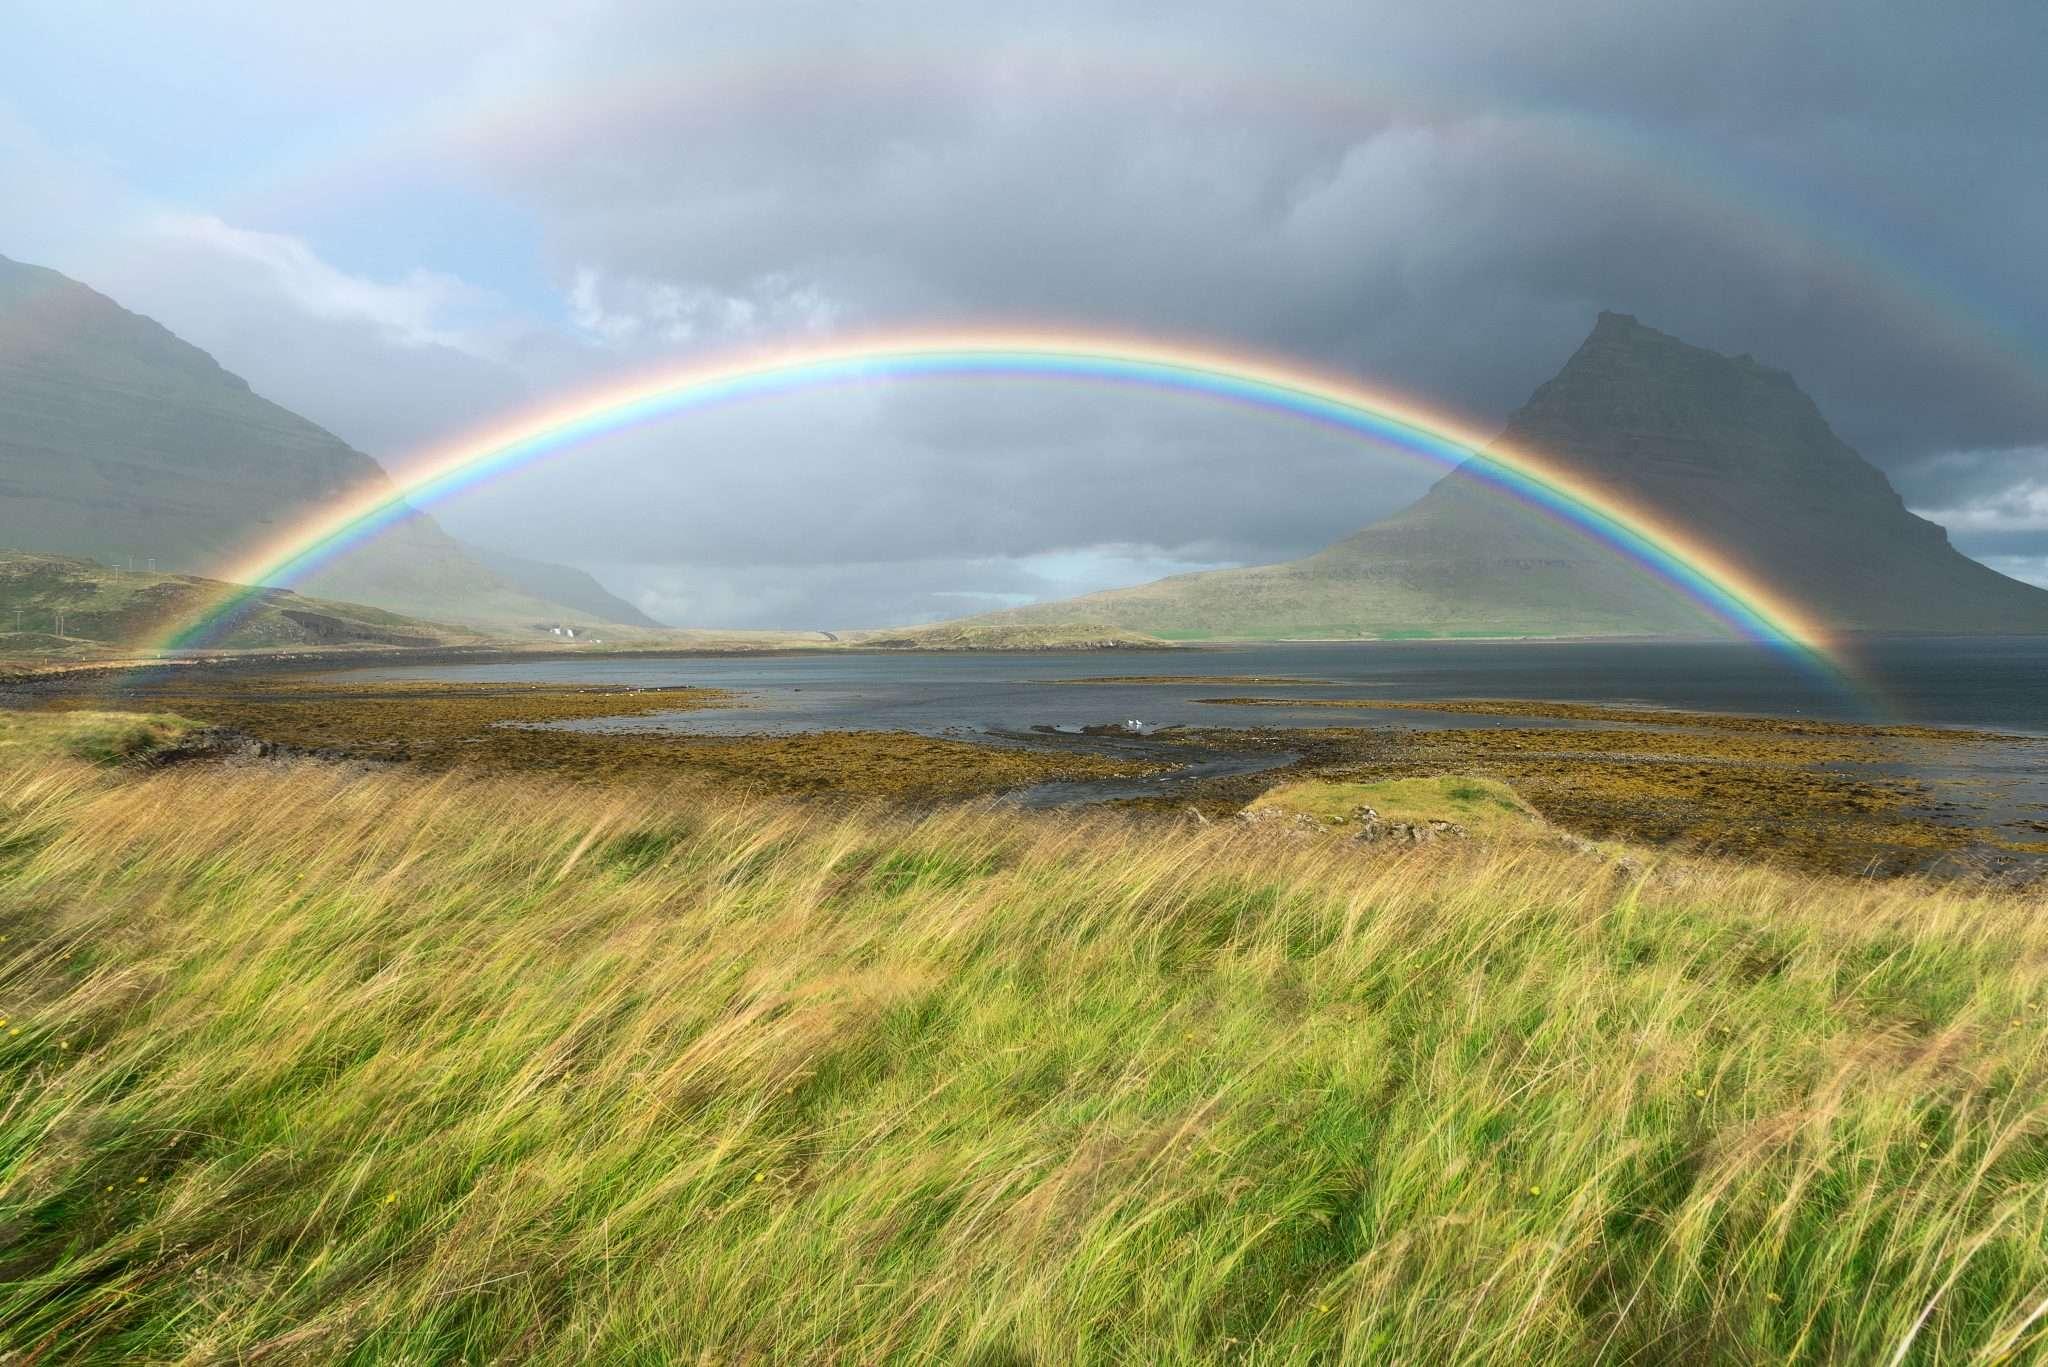 Rainbow photography Iceland, fotografia realizzata da Barbara Trincone, fotografa professionista paesaggista e di reportage con studio privato a Pozzuoli Napoli